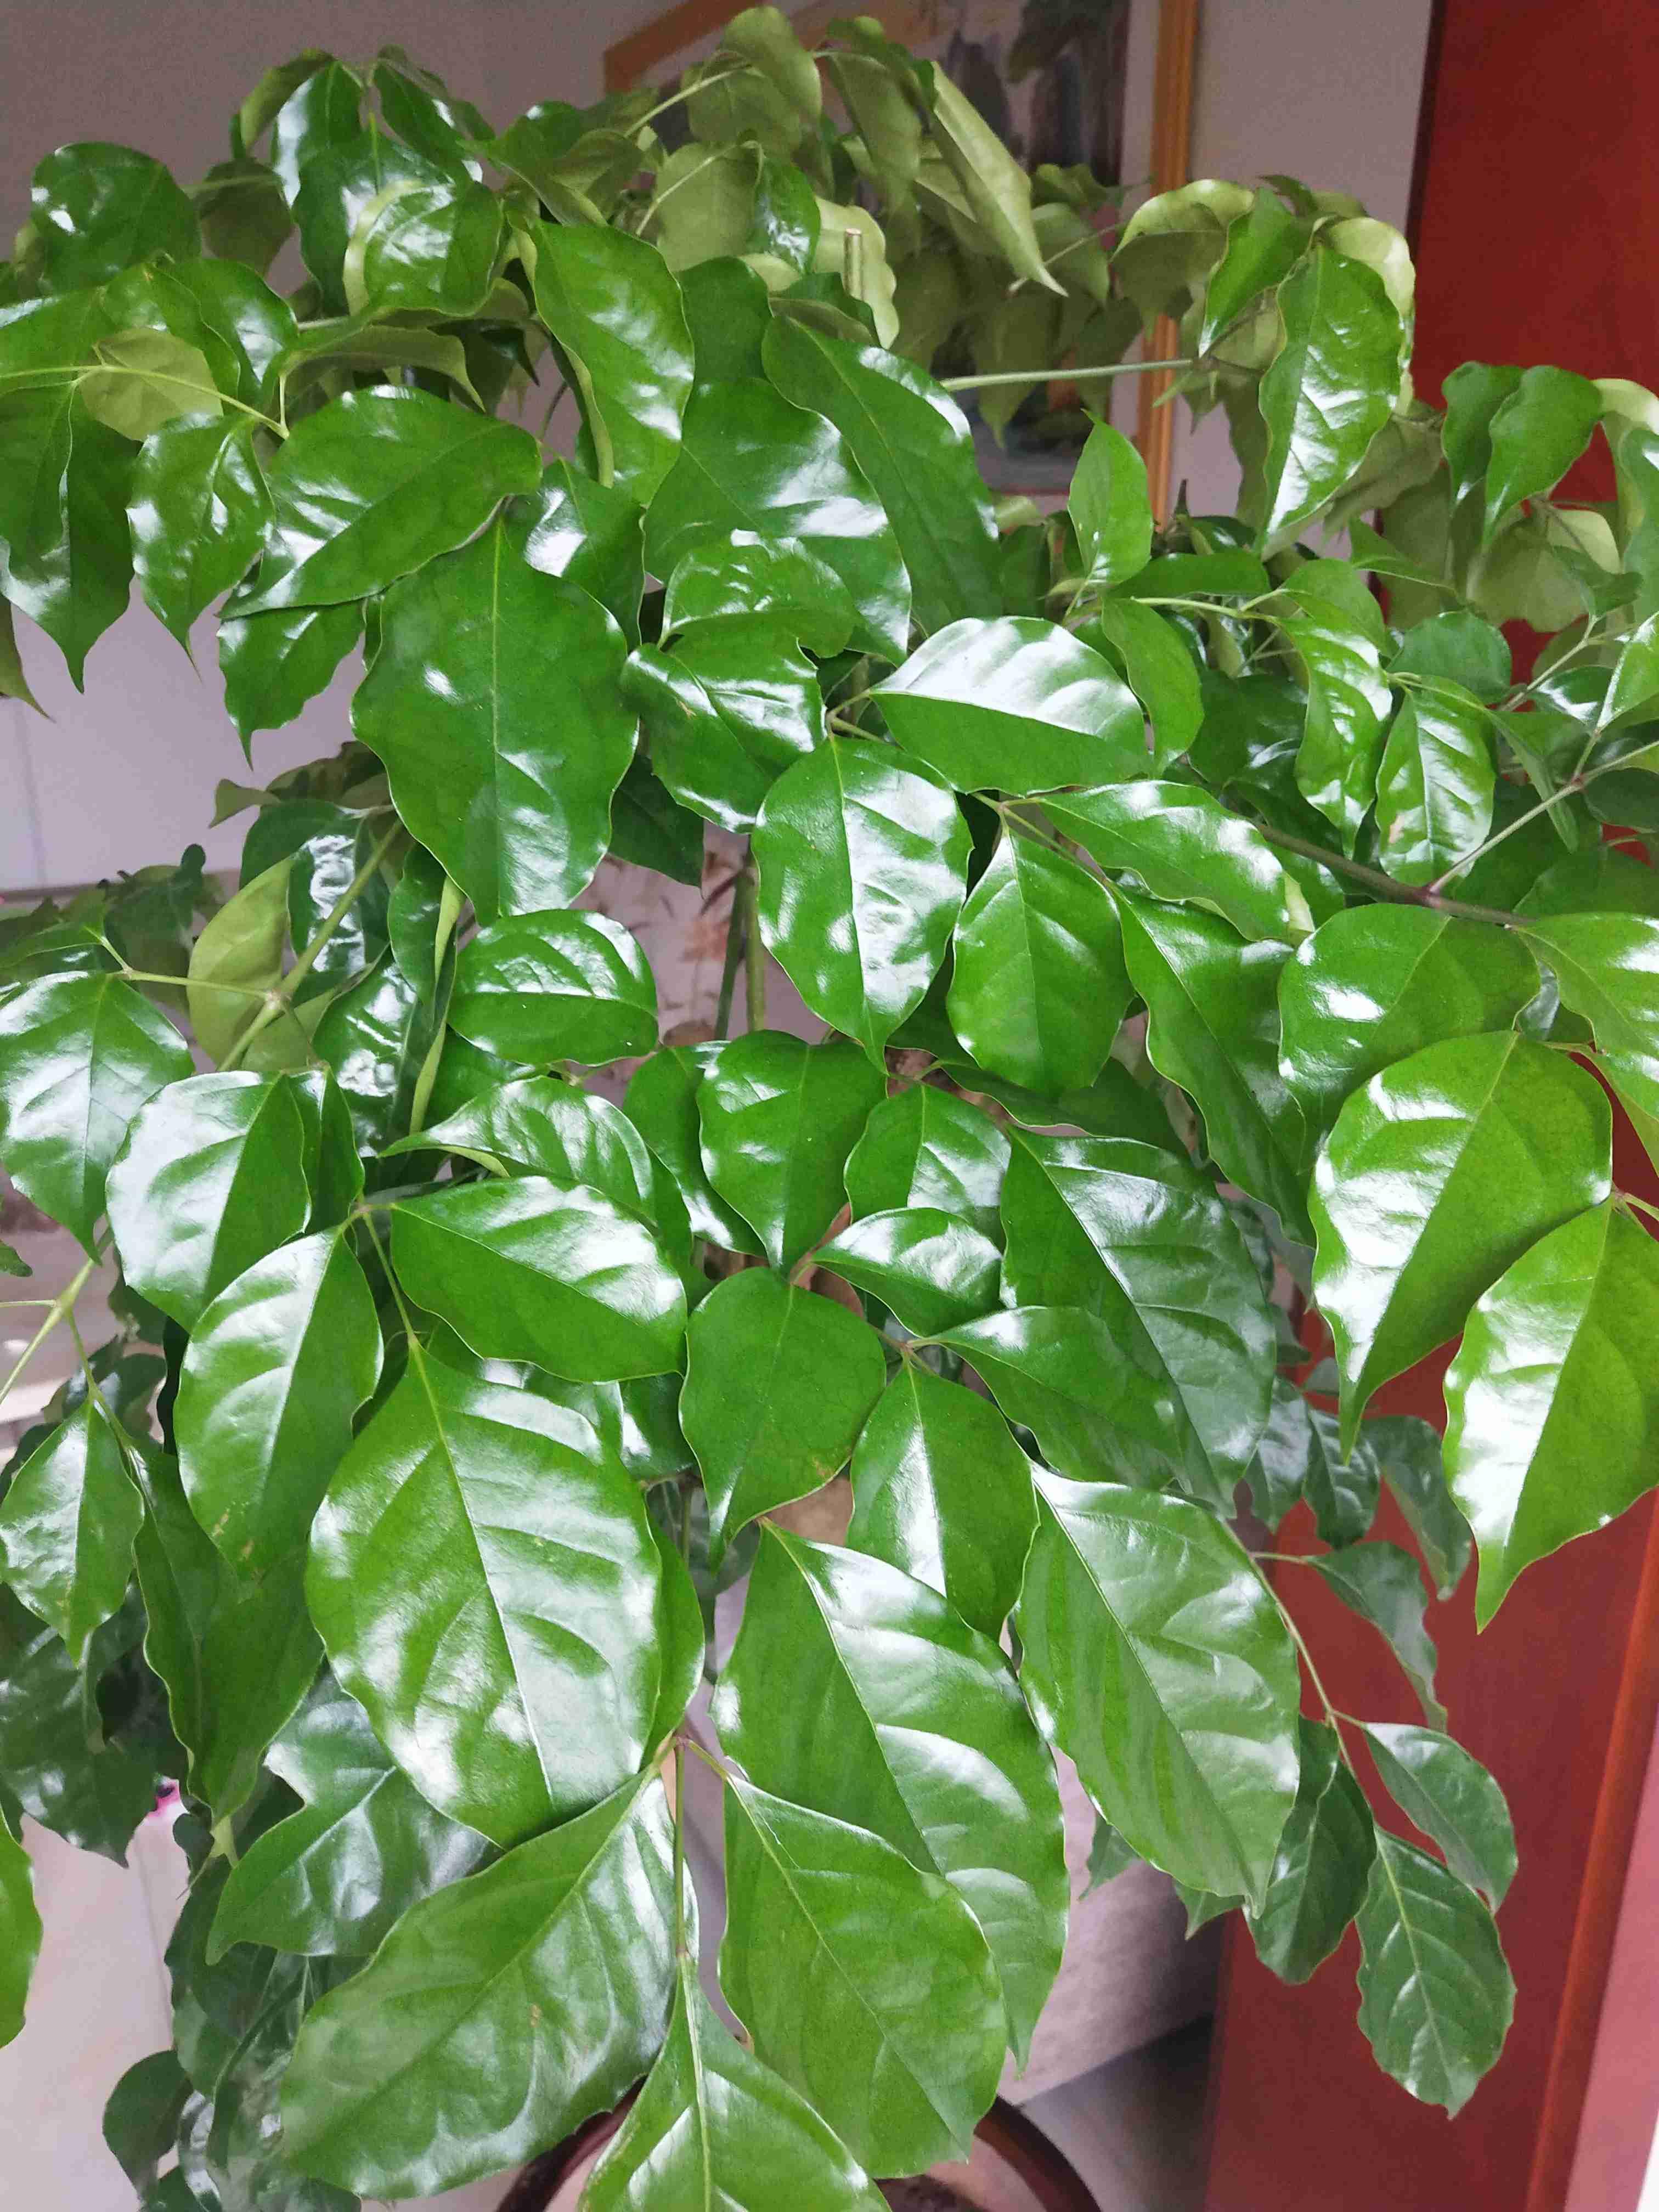 幸福树夏季落叶怎么回事?有什么补救处理方法呢?